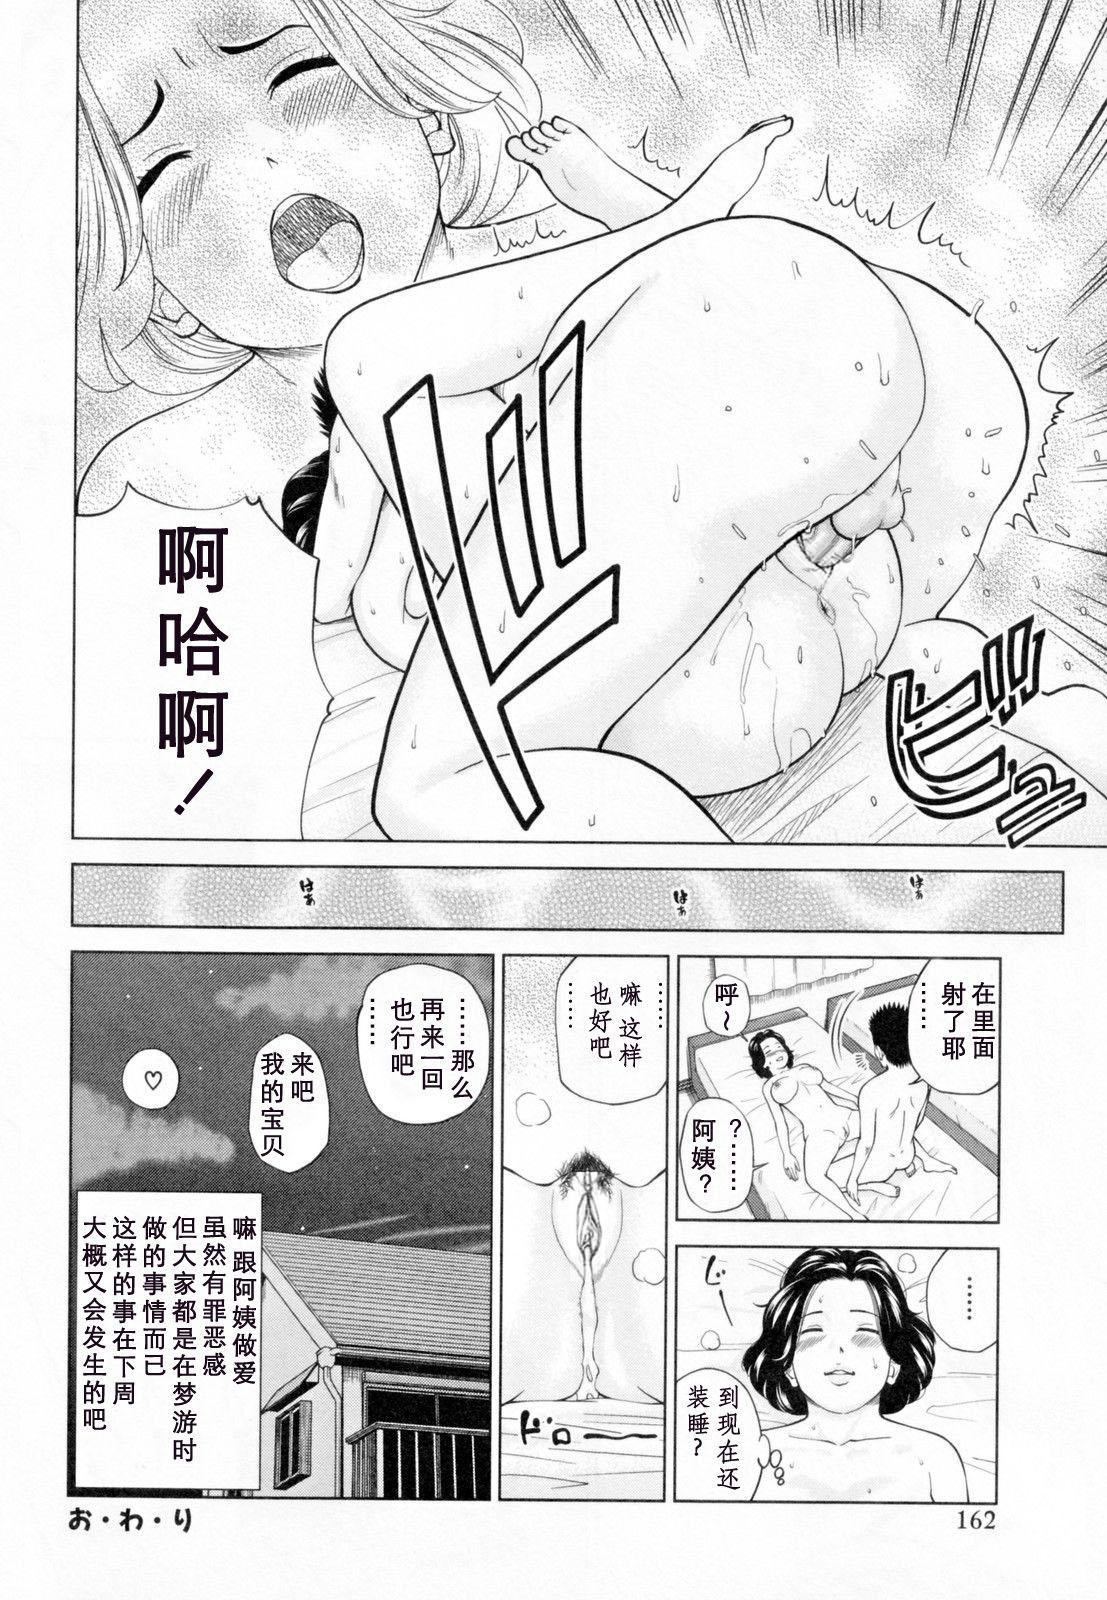 32 Sai Yokkyuufuman no Hitozuma 165